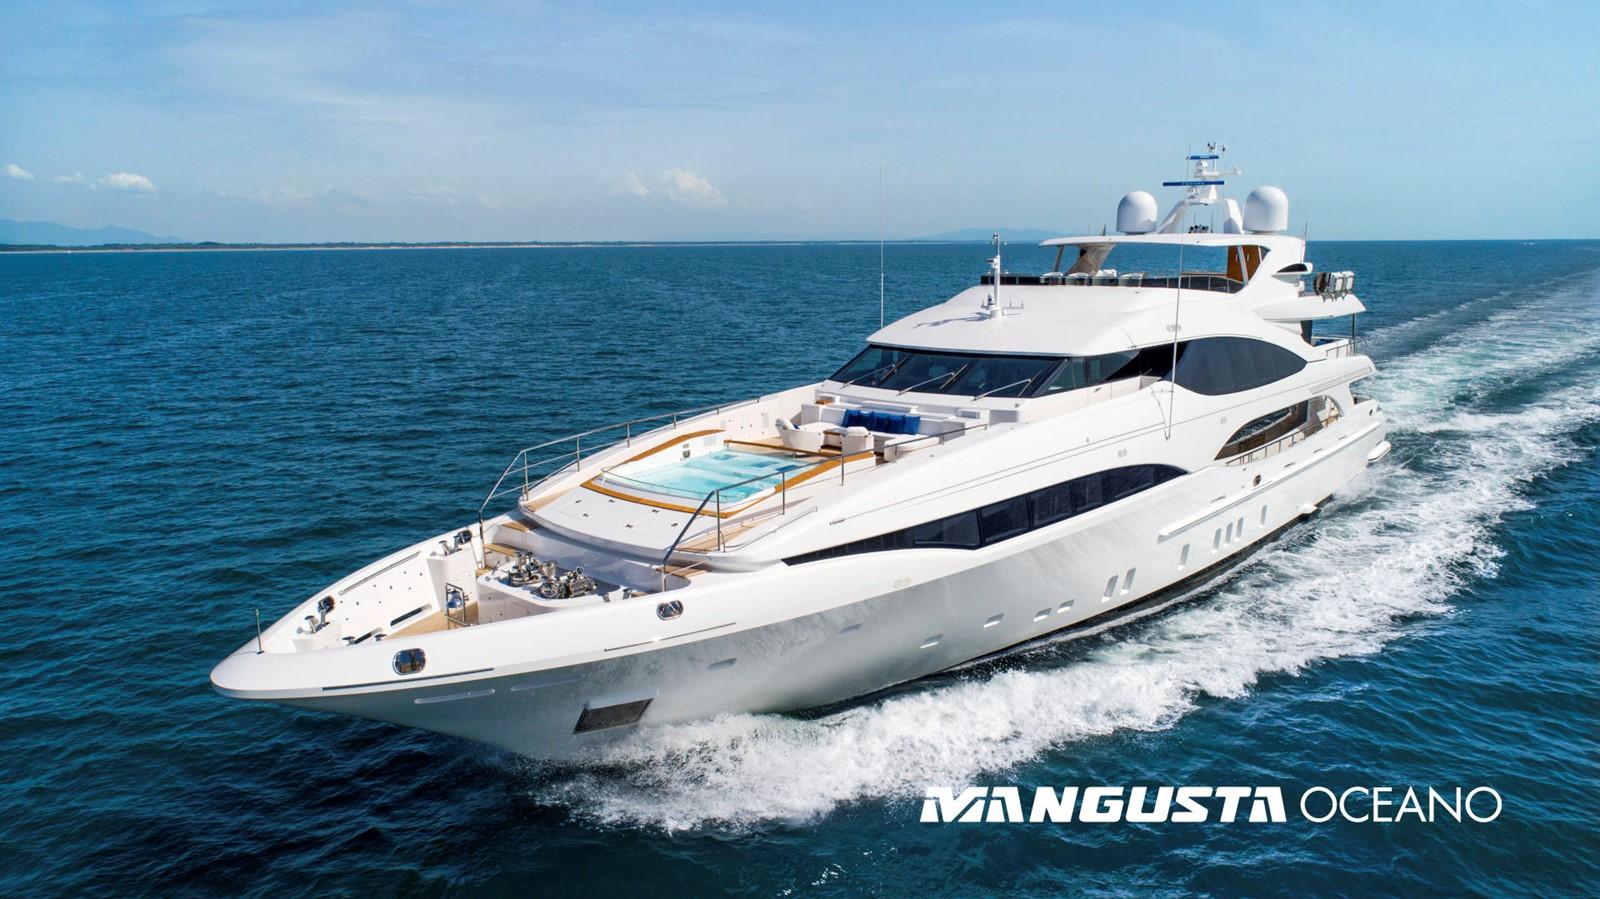 2021 OVERMARINE GROUP Mangusta Oceano 46  2570603